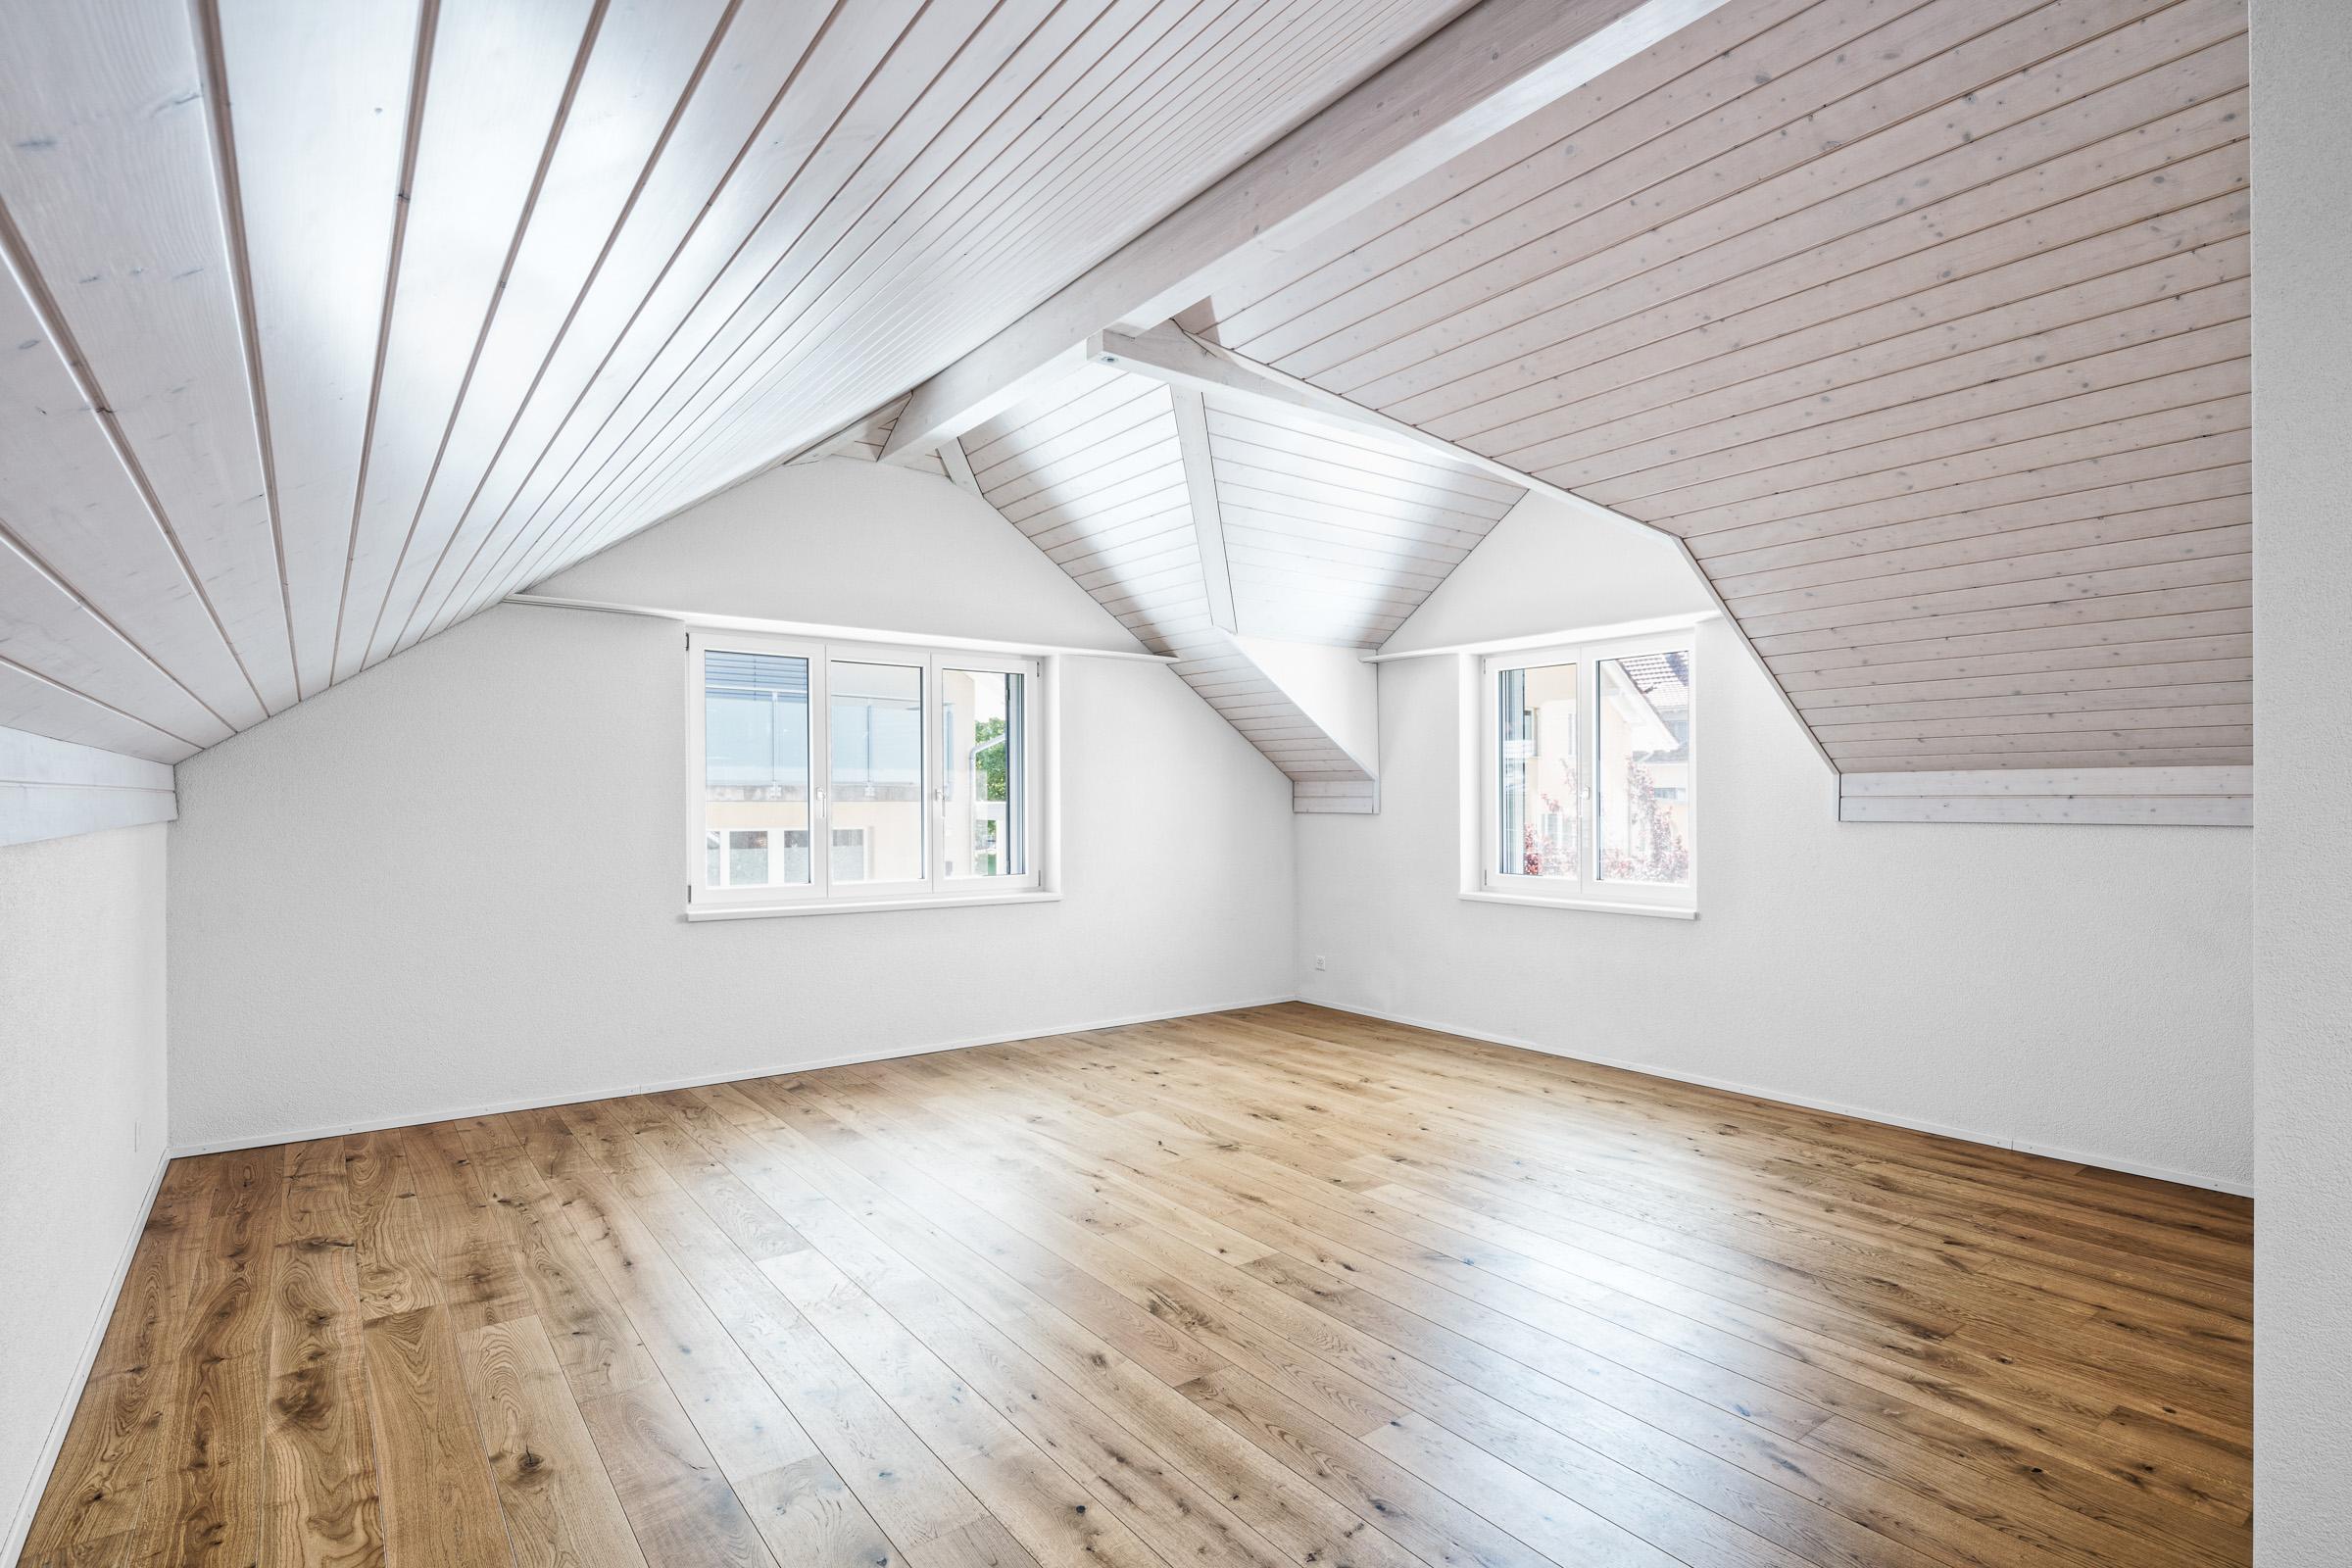 19-112 - Lieblingshaus.ch Silvia Konrad - Landhaus Braunau--13.jpg